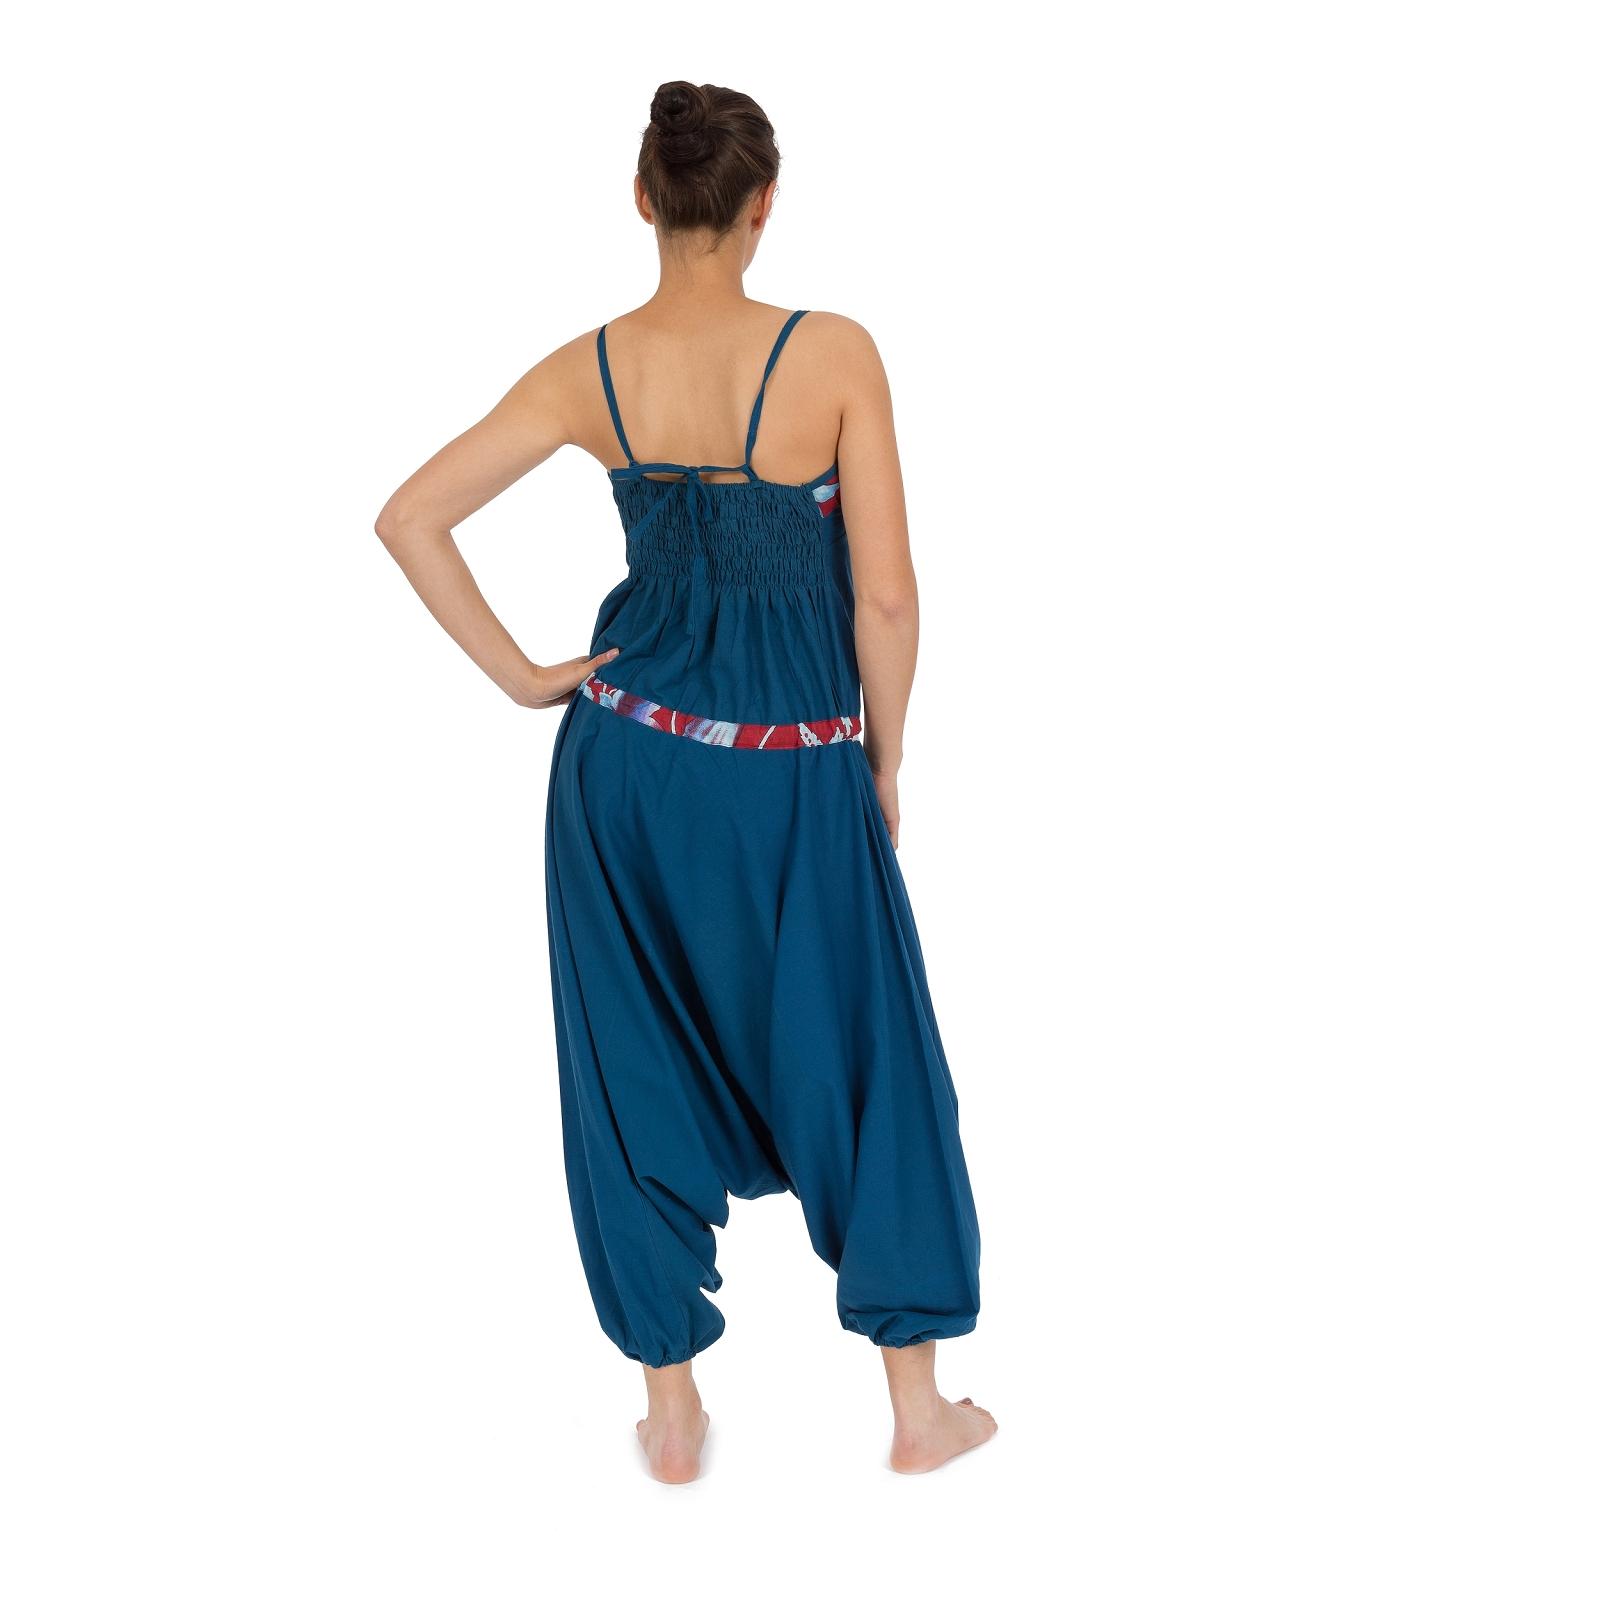 Nepal Shop Augsburg : overall aladinhose jumpsuite pumphose ballonhose baumwolle einheitsgr e tr ger ebay ~ Watch28wear.com Haus und Dekorationen